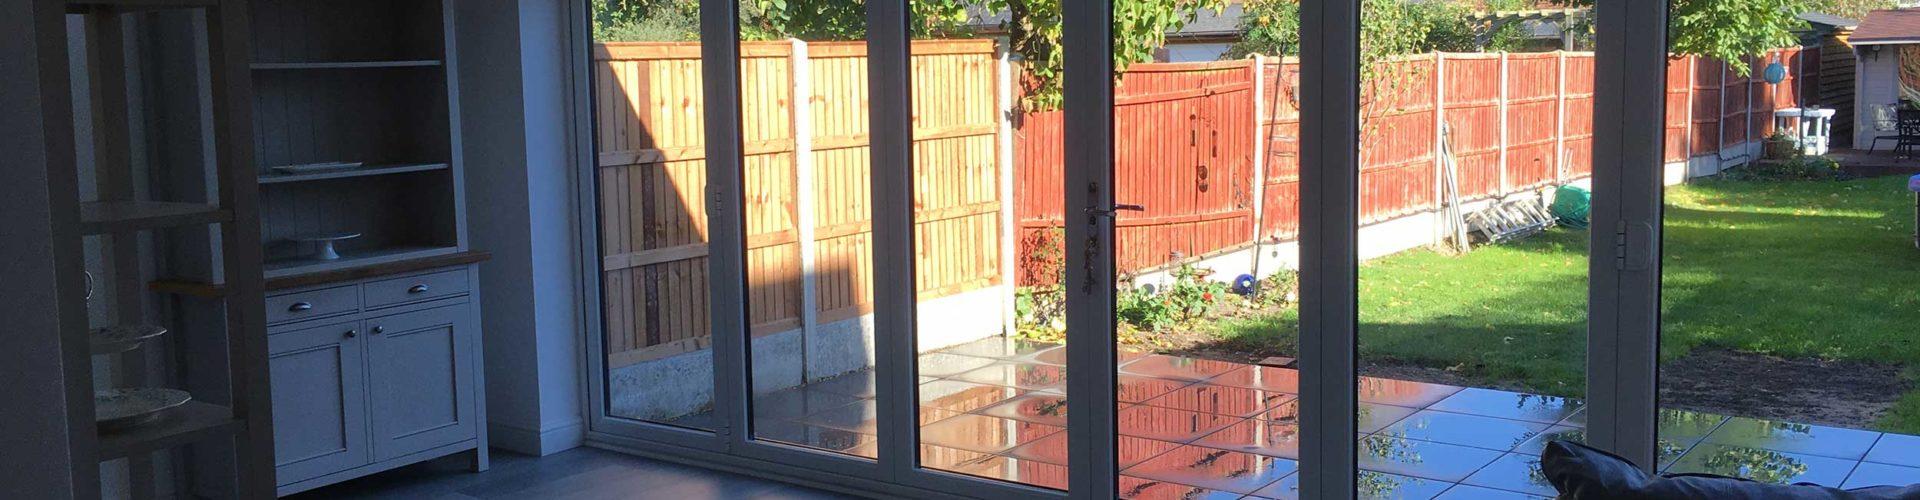 Bifold Door Installations in Bedfordshire